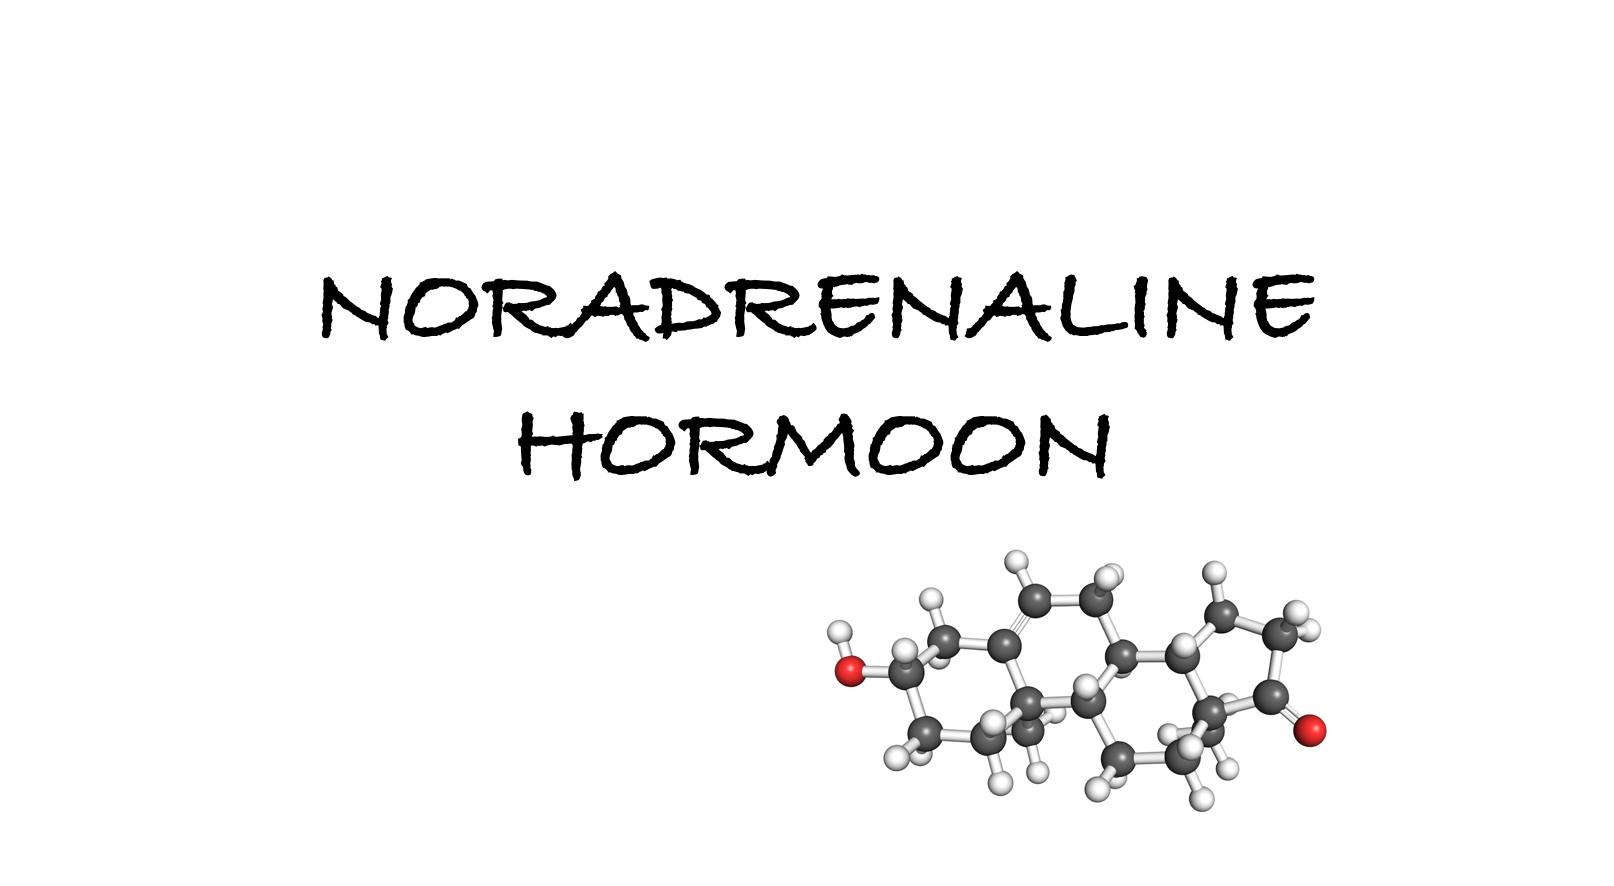 noradrenaline hormoon